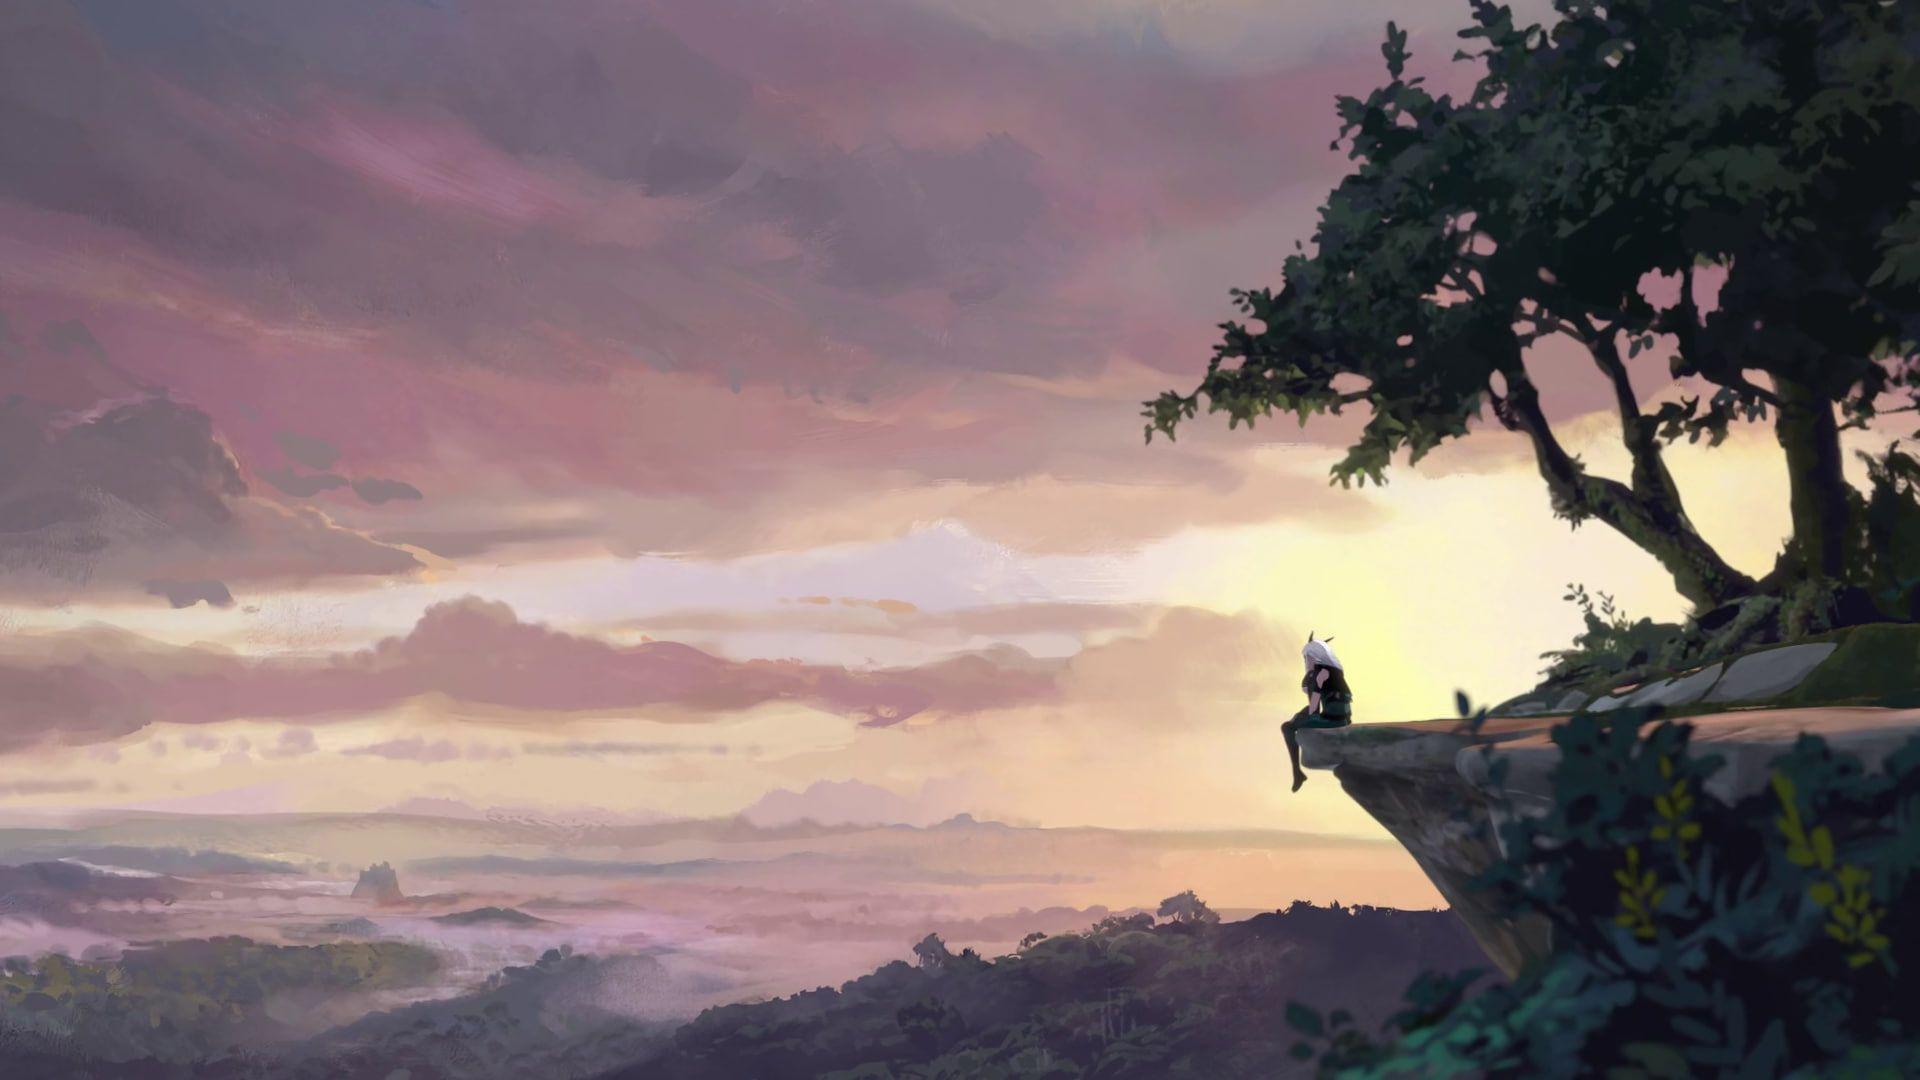 Dragon Prince Netflix Rayla 1080p Wallpaper Hdwallpaper